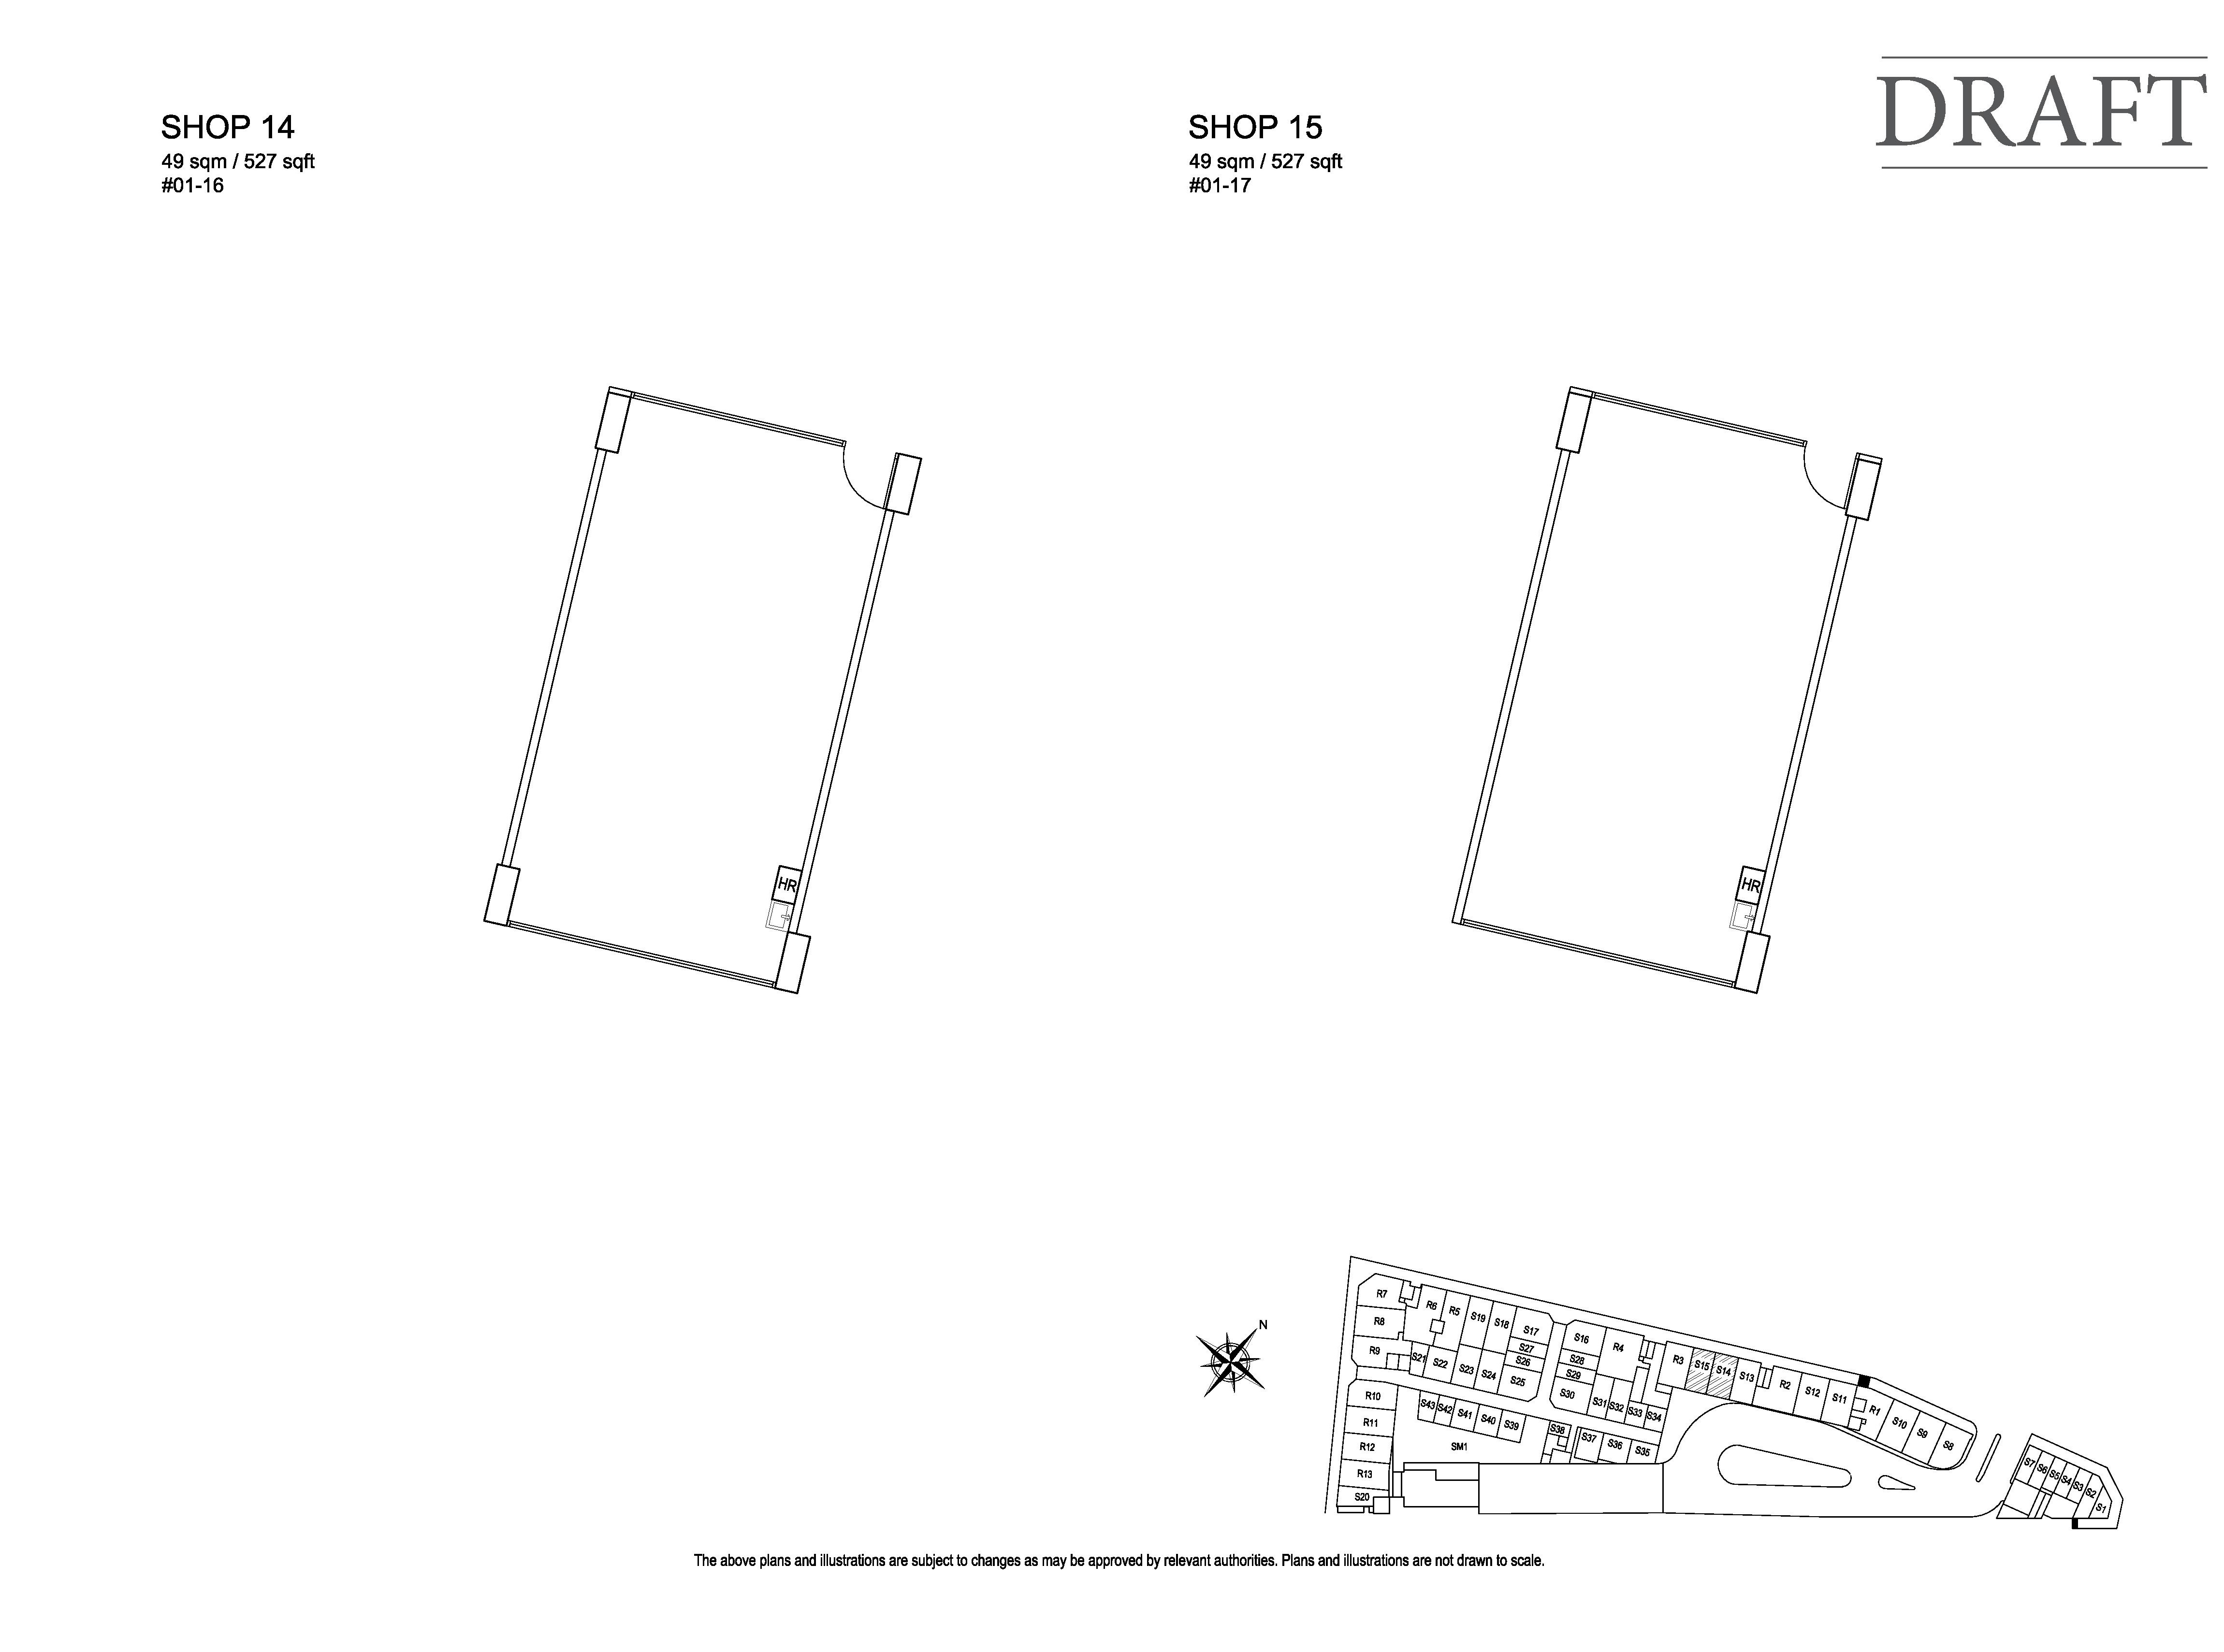 Kensington Square Retail Shop 14,15 Floor Plans